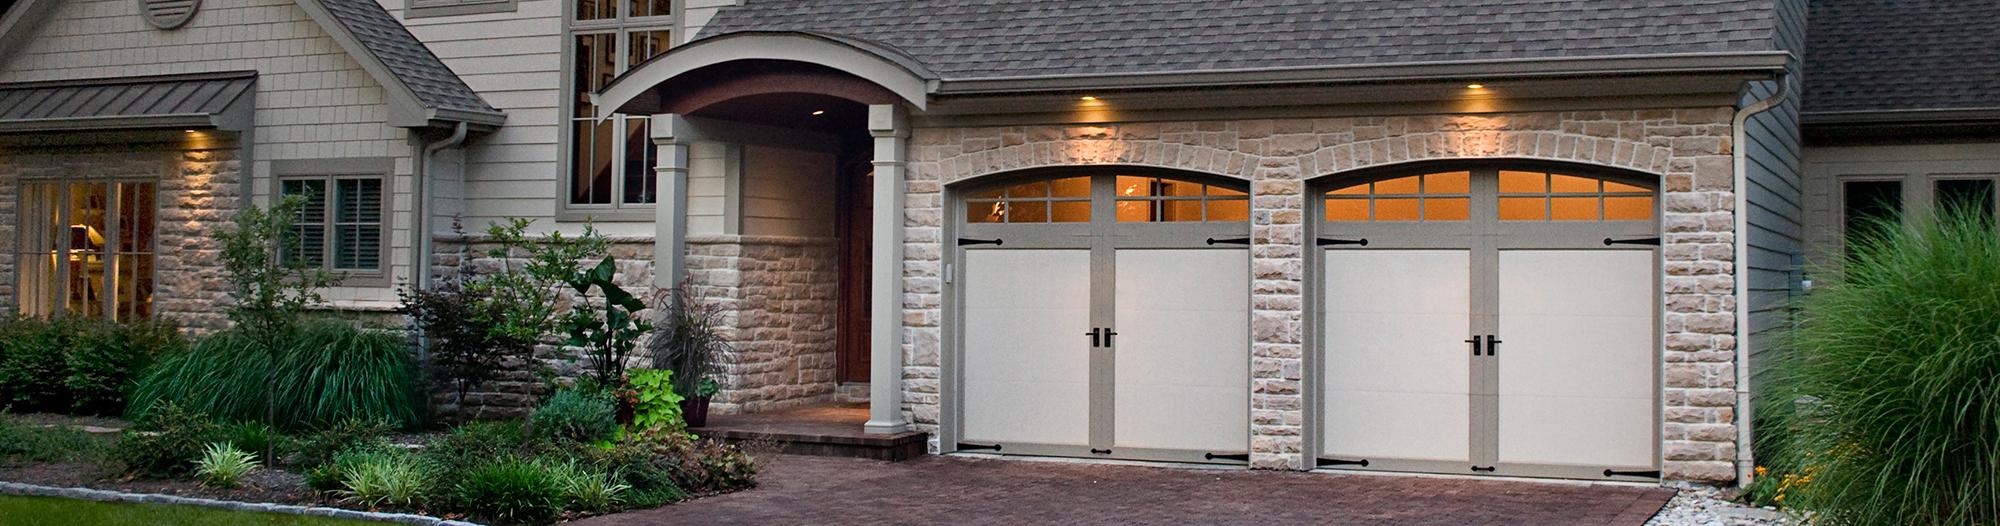 Garage Door Repair Woodstock Get Reliable Garage Door